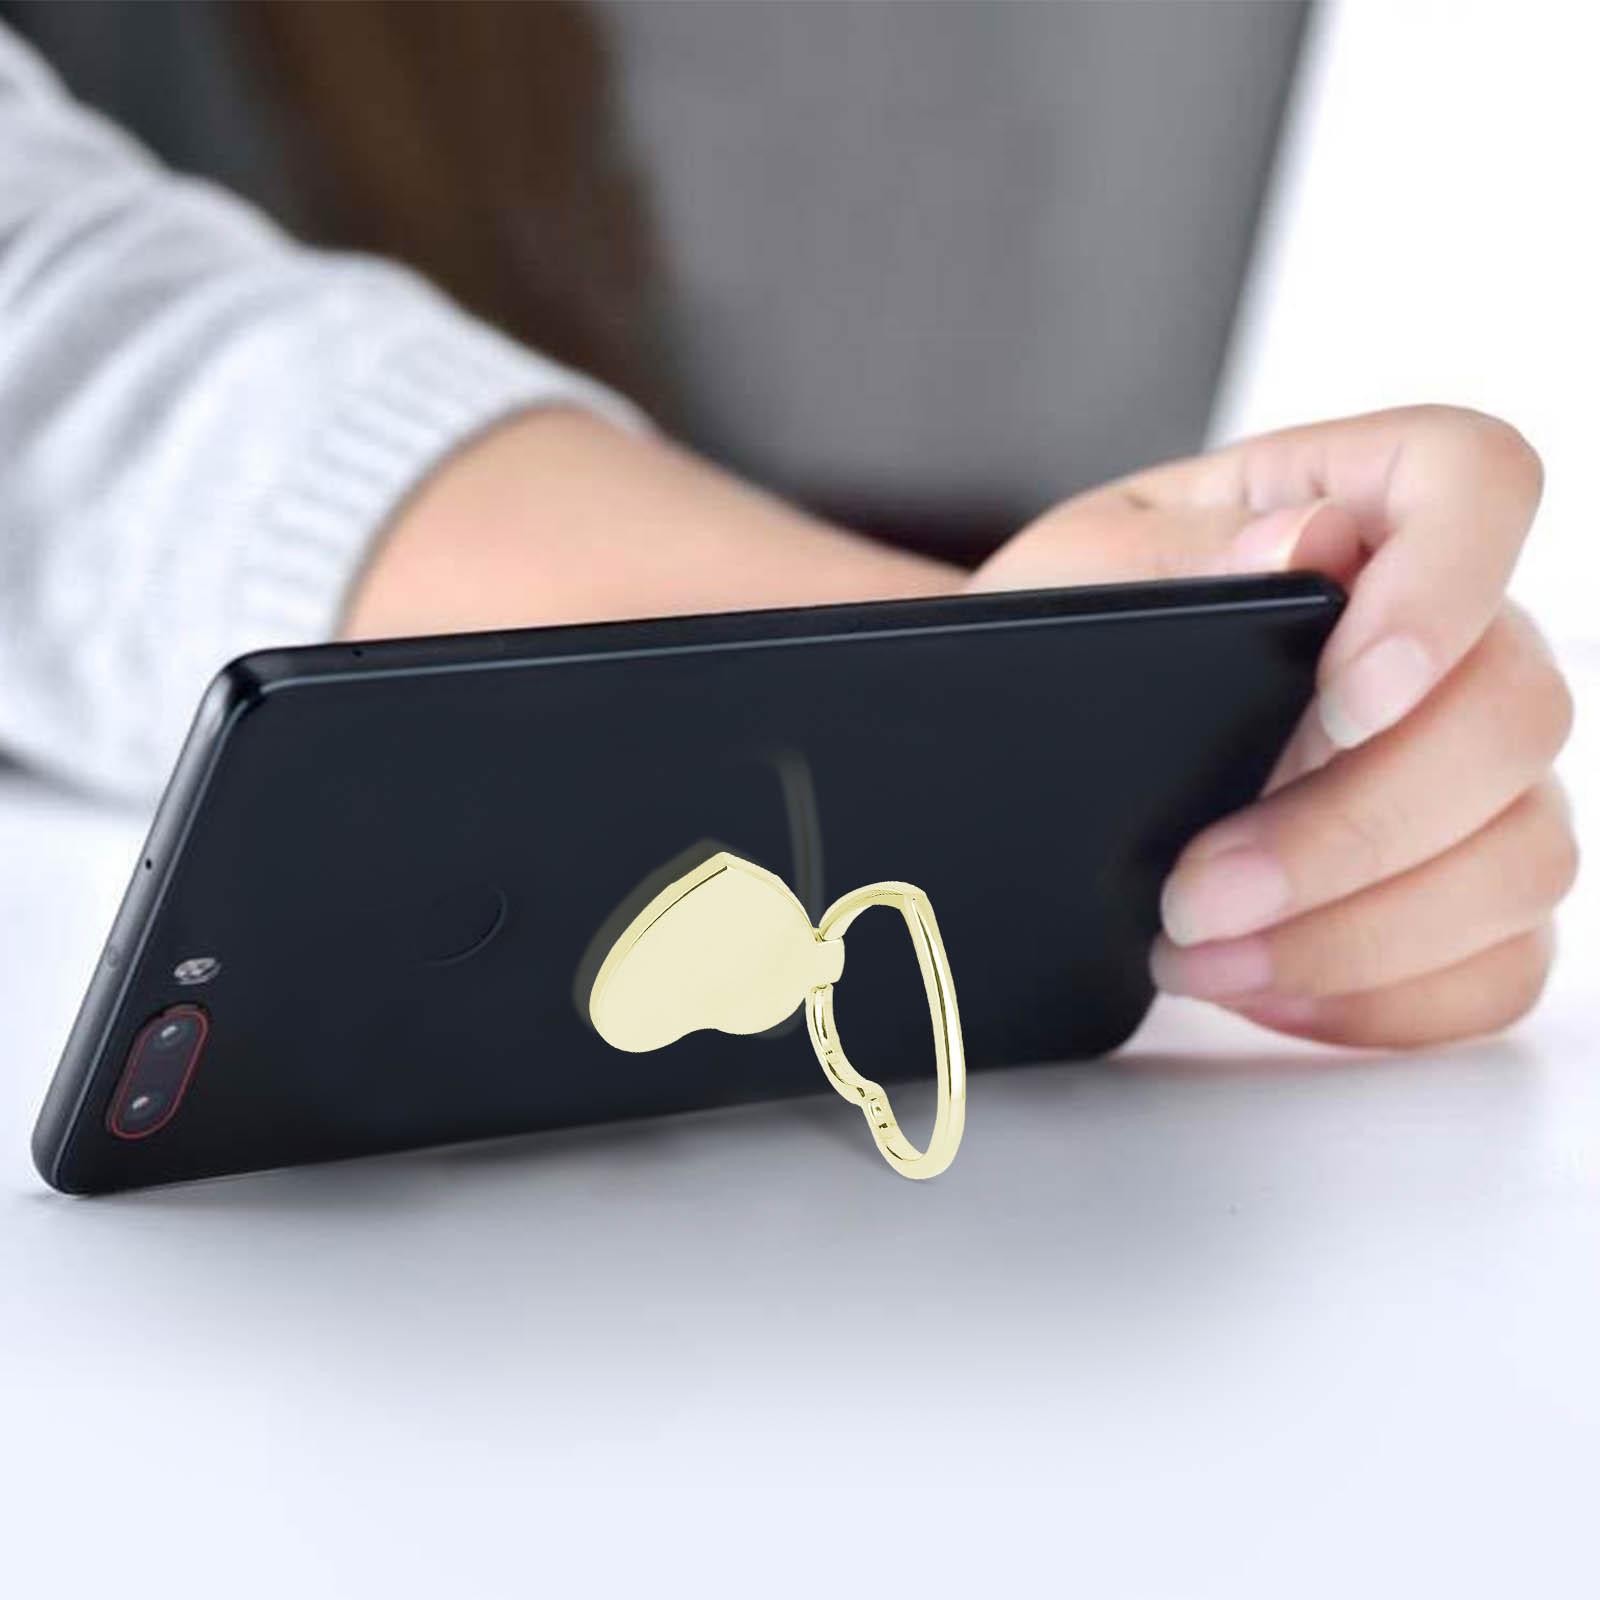 supporto-personalizzato-smartphone-1.jpg